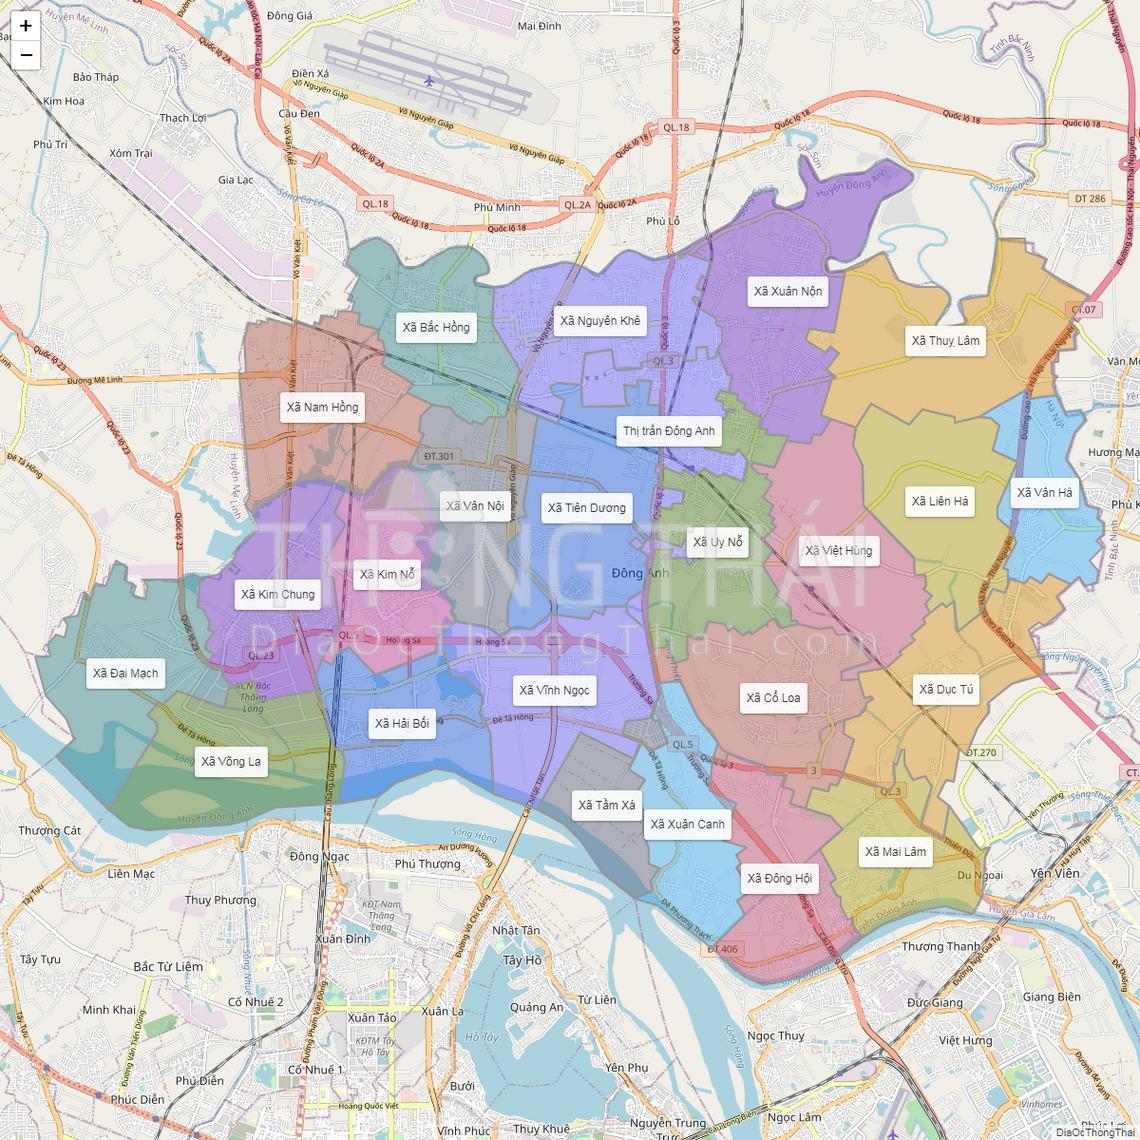 Bản đồ huyện Đông Anh - TP Hà Nội